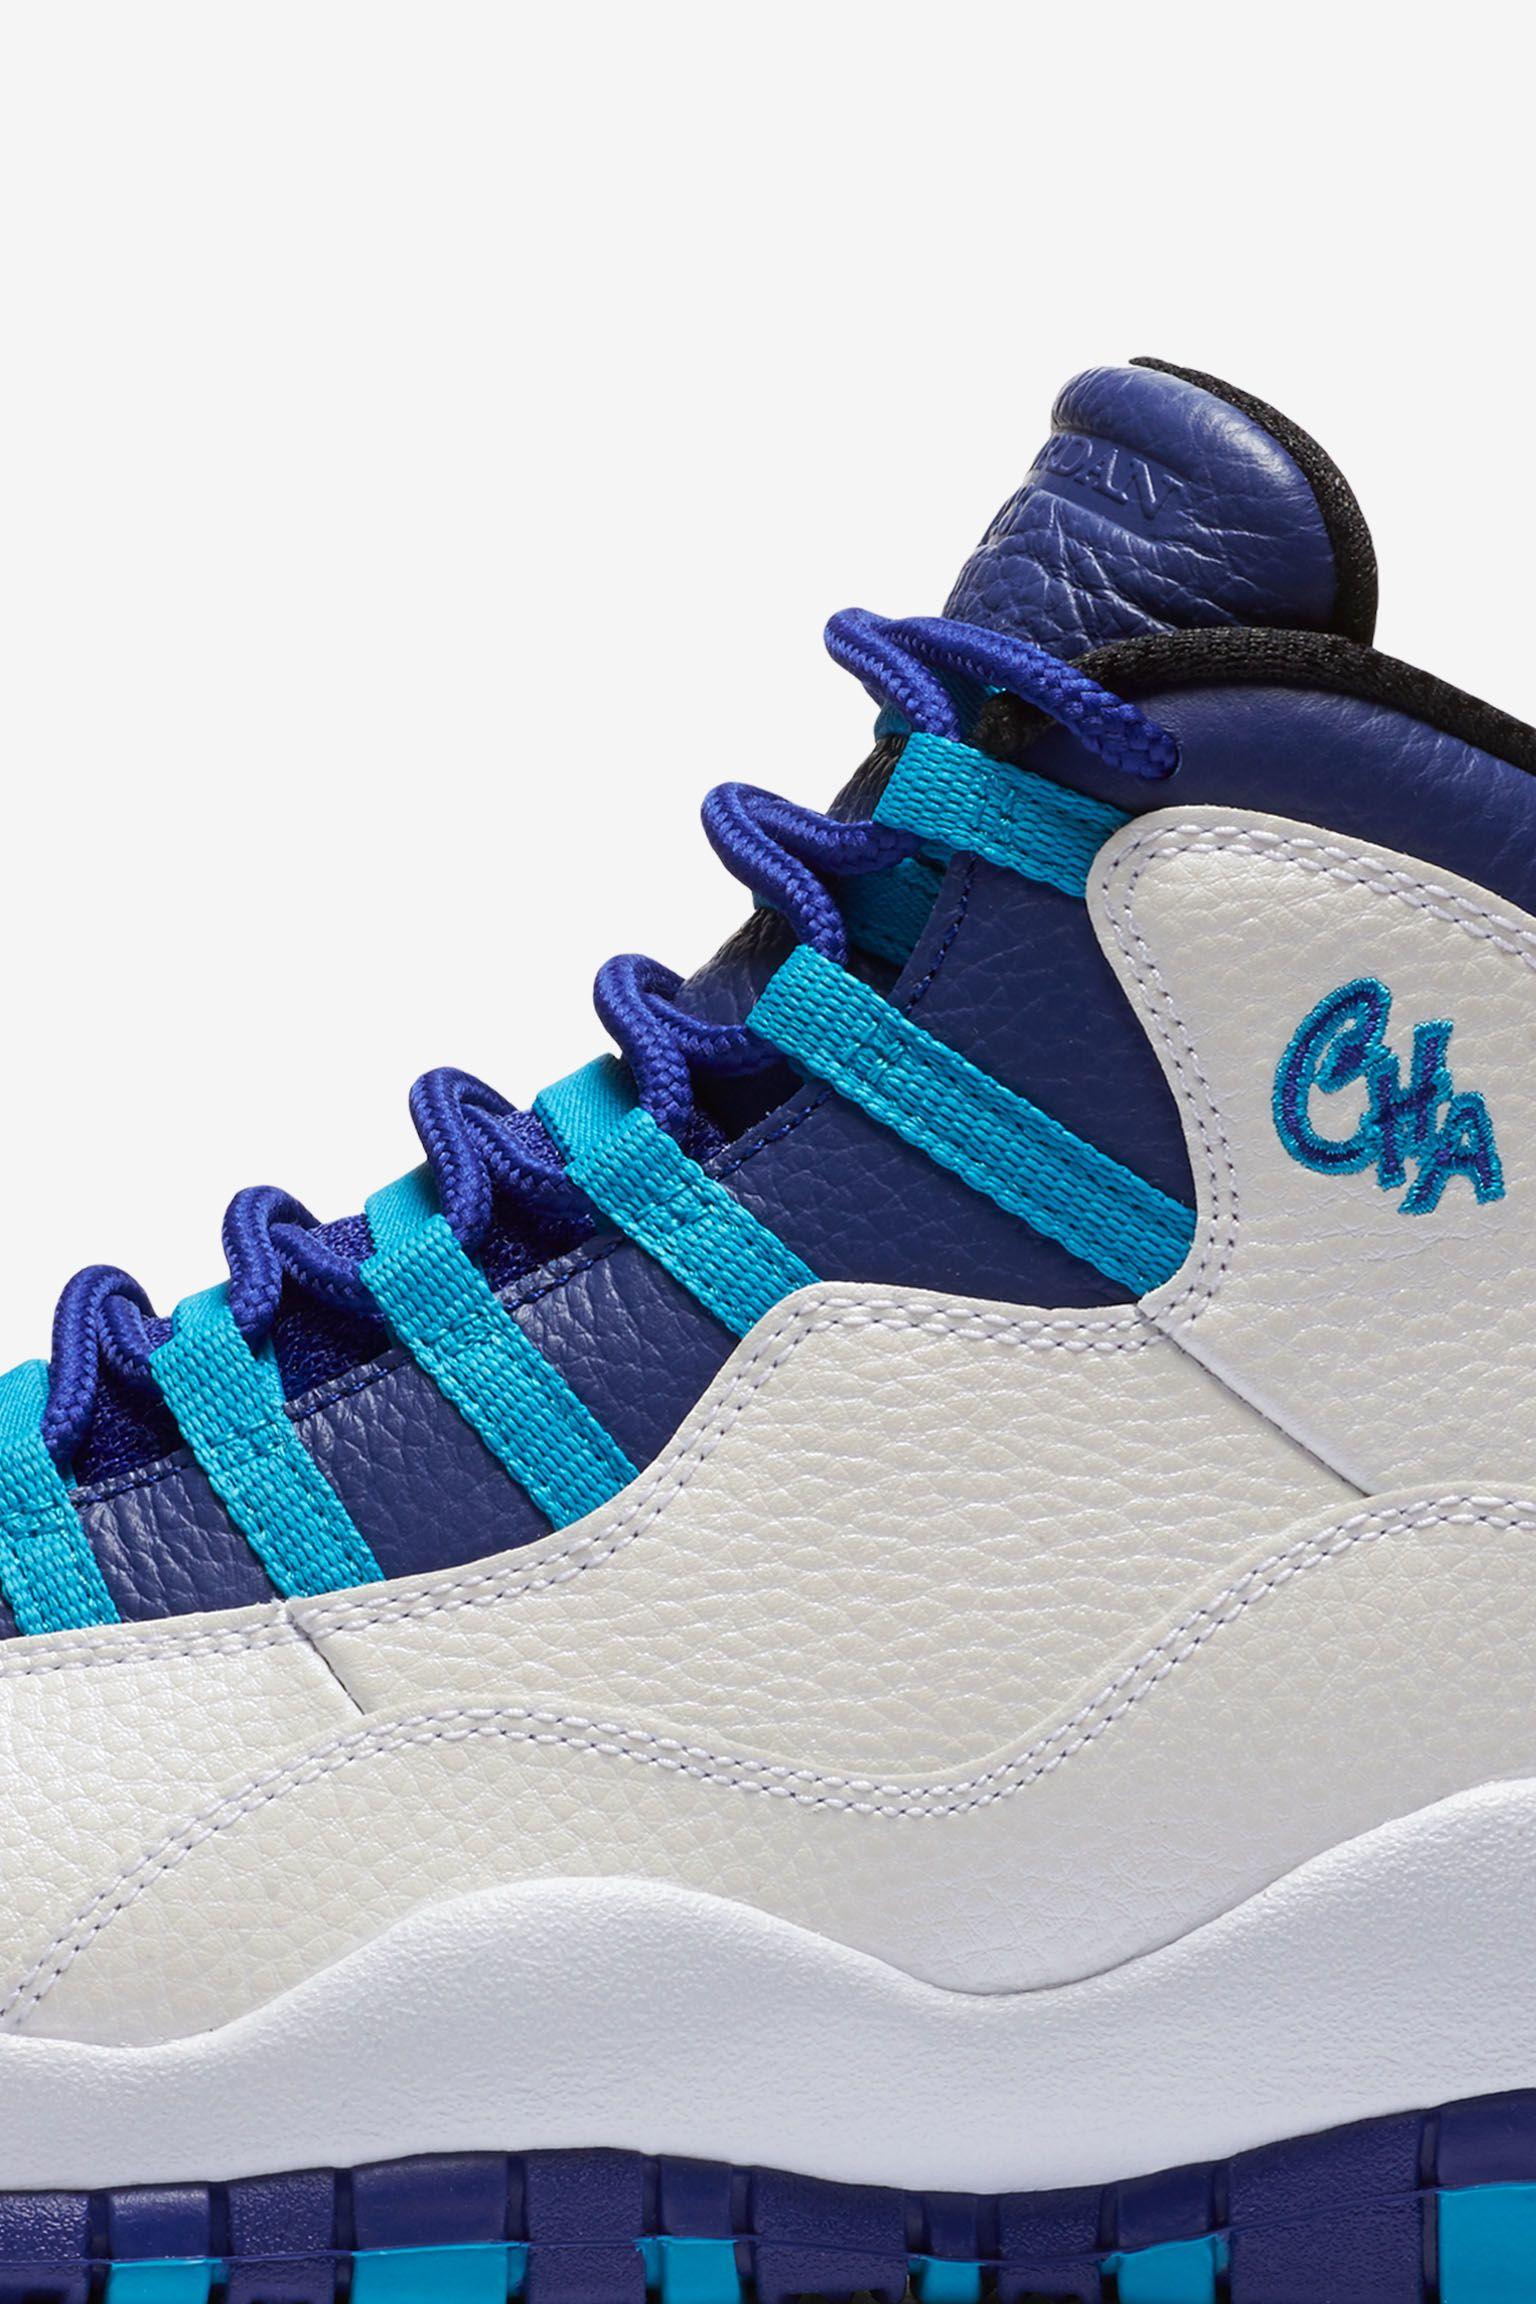 Air Jordan 10 Retro 'Charlotte' Release Date